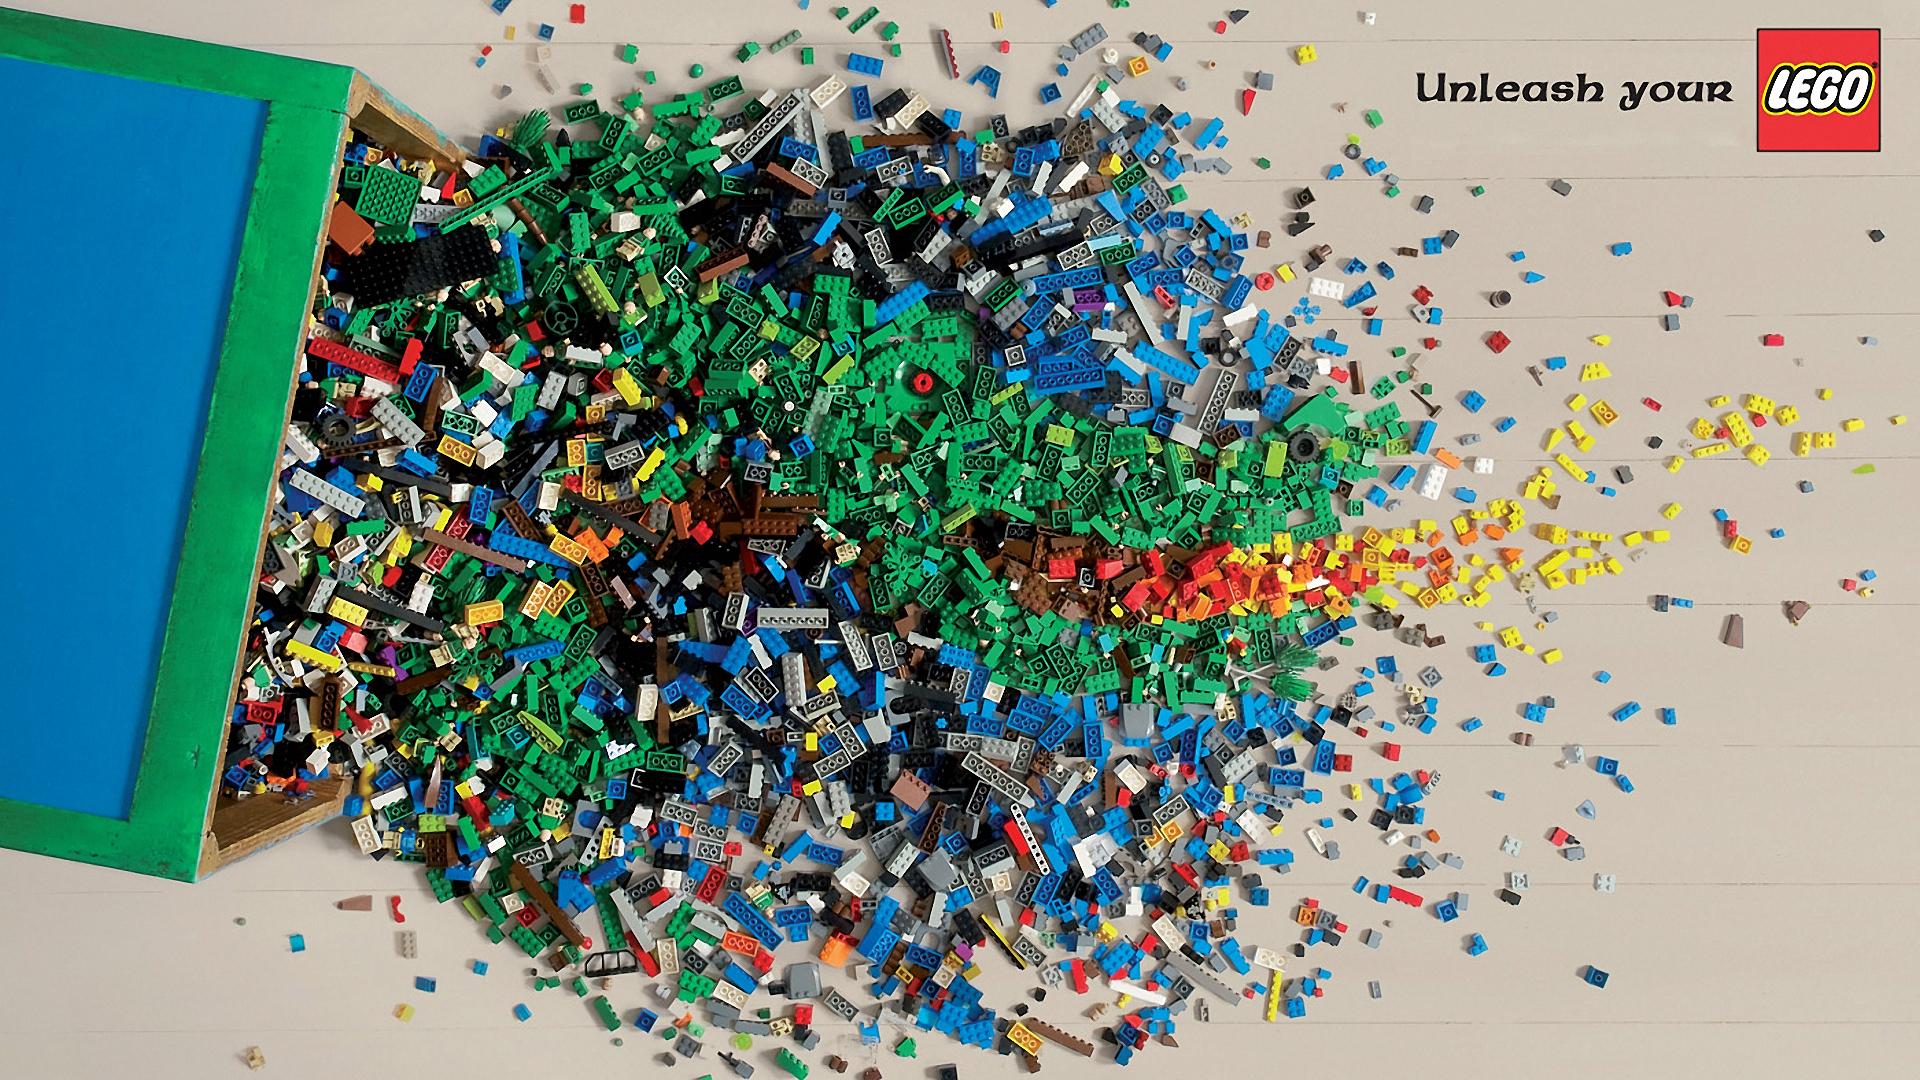 Lego Wallpaper 1920x1080 39377